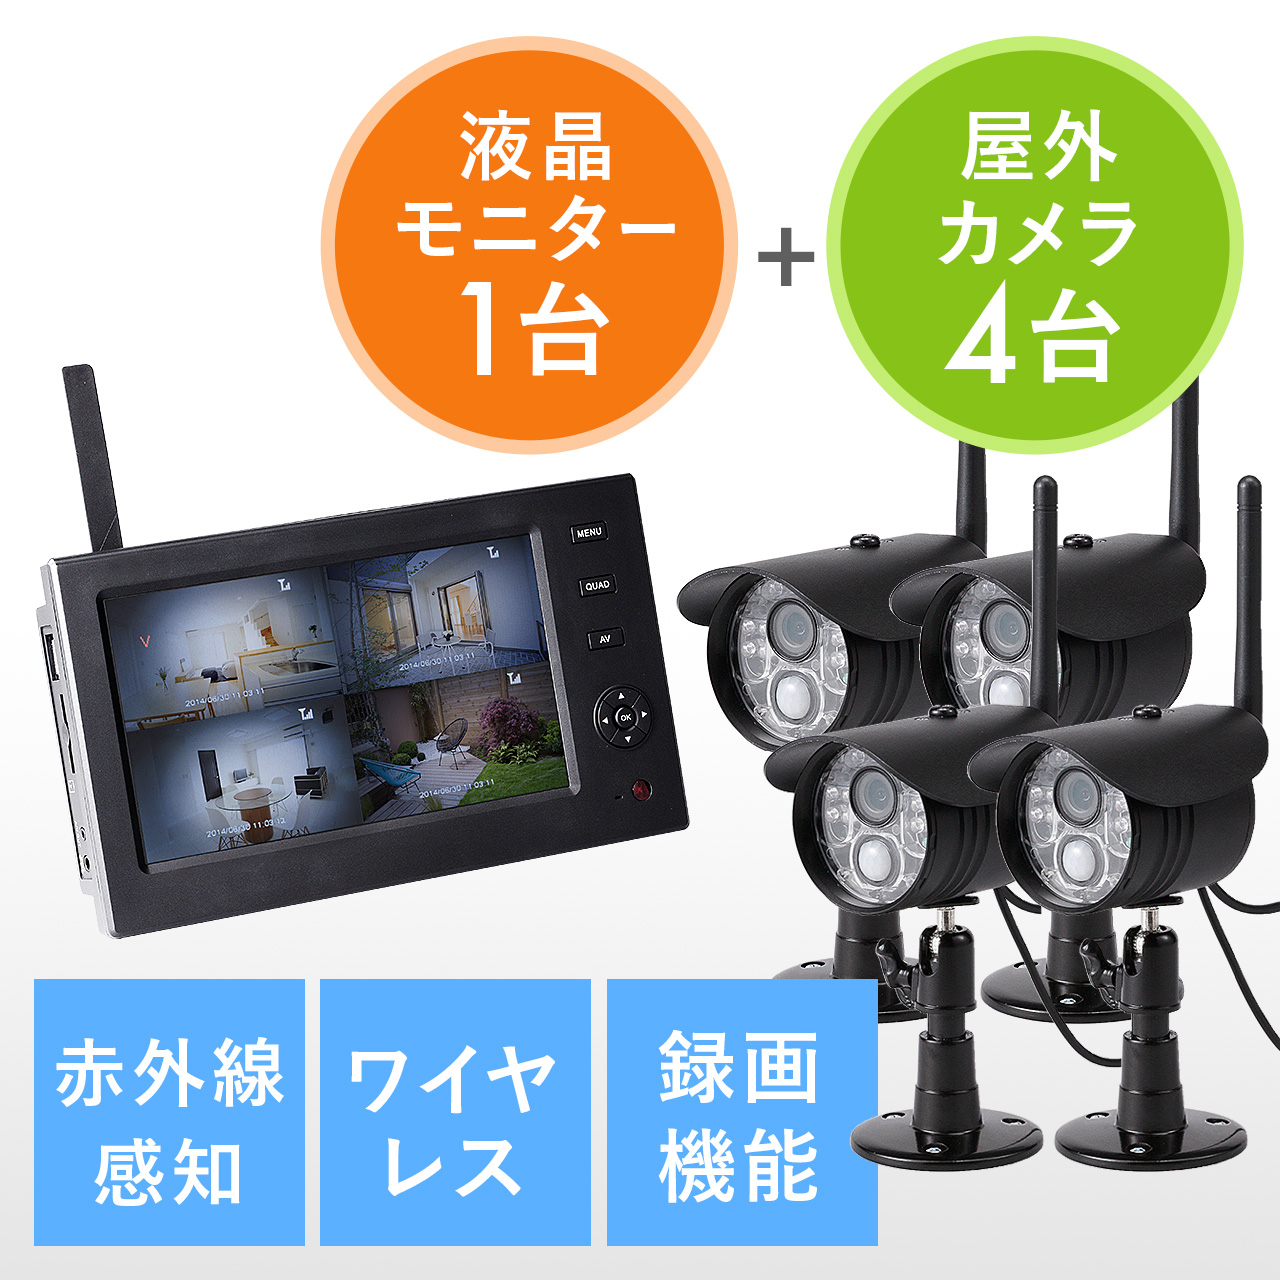 防犯カメラ&ワイヤレスモニターセット(防水屋外カメラ・ワイヤレスカメラ4台セット・録画対応・SD/USBメモリー接続対応) サンワダイレクト サンワサプライ 400-CAM055-4